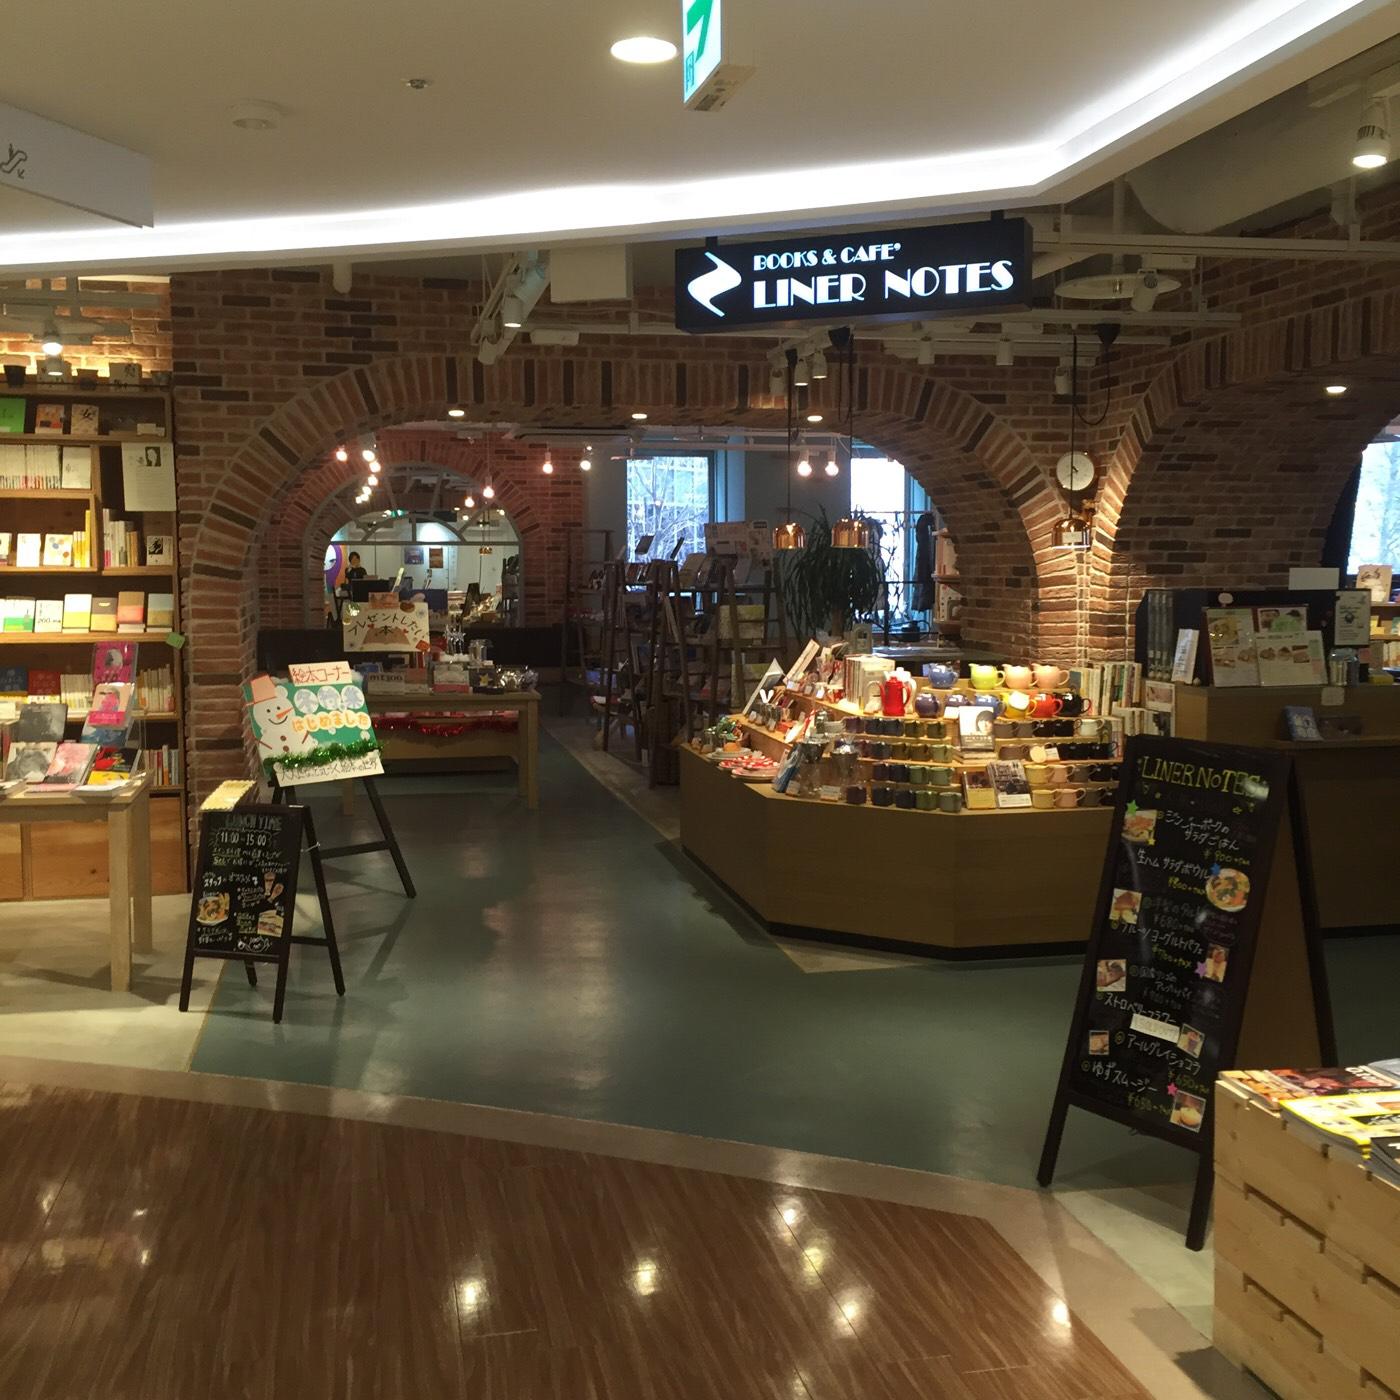 ブックス&カフェ ライナーノーツ (BOOKS&CAFE' LINER NOTES) 都心でのんびり。なにわ書房のブックカフェ。【札幌大通 ランチ】